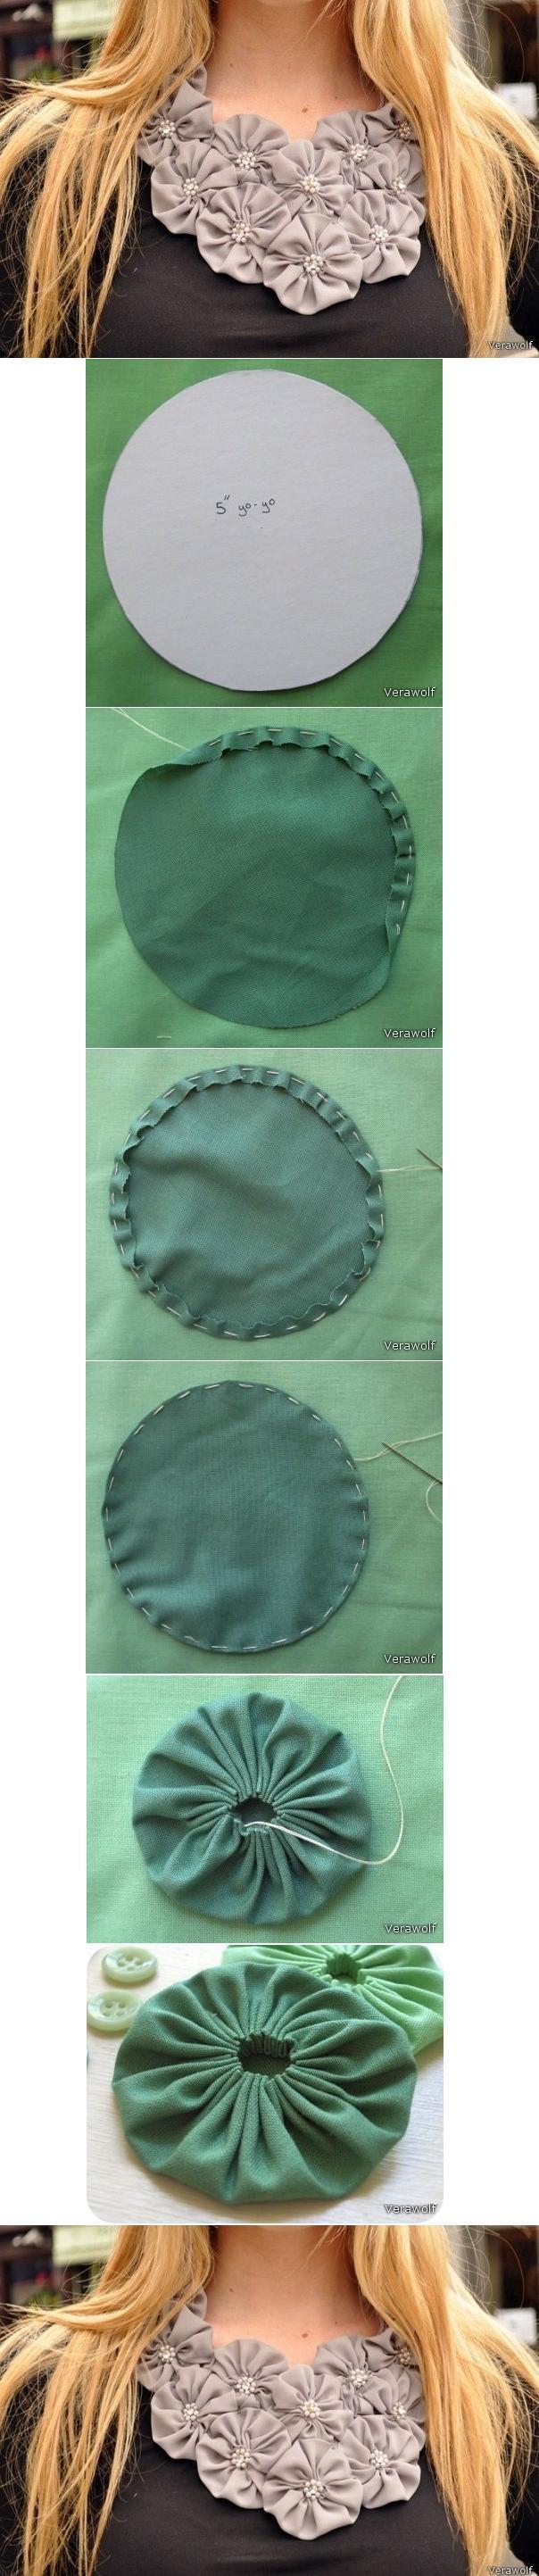 diy-fabric-flower-ornament DIY Step by Step Fabric Flowers